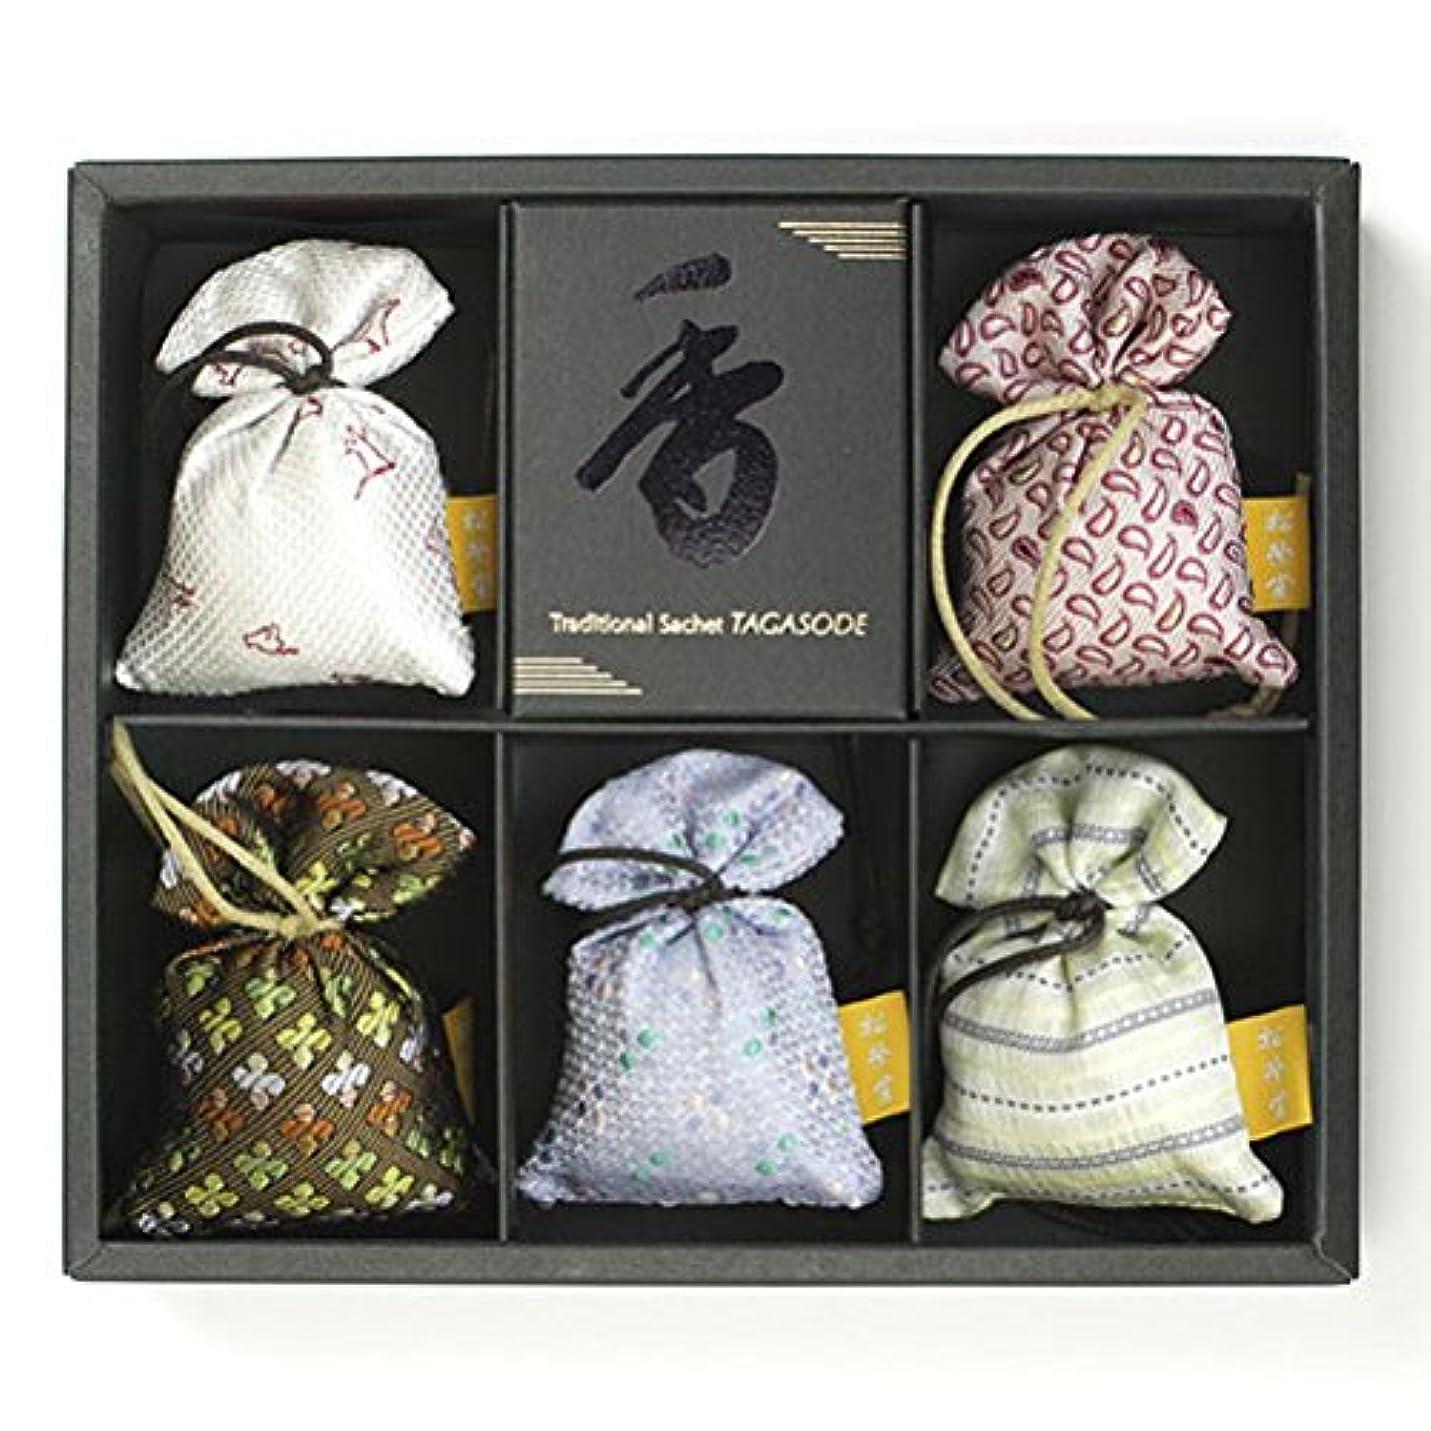 不正直素朴な出します匂い袋 誰が袖 薫 かおる 5個入 松栄堂 Shoyeido 本体長さ60mm